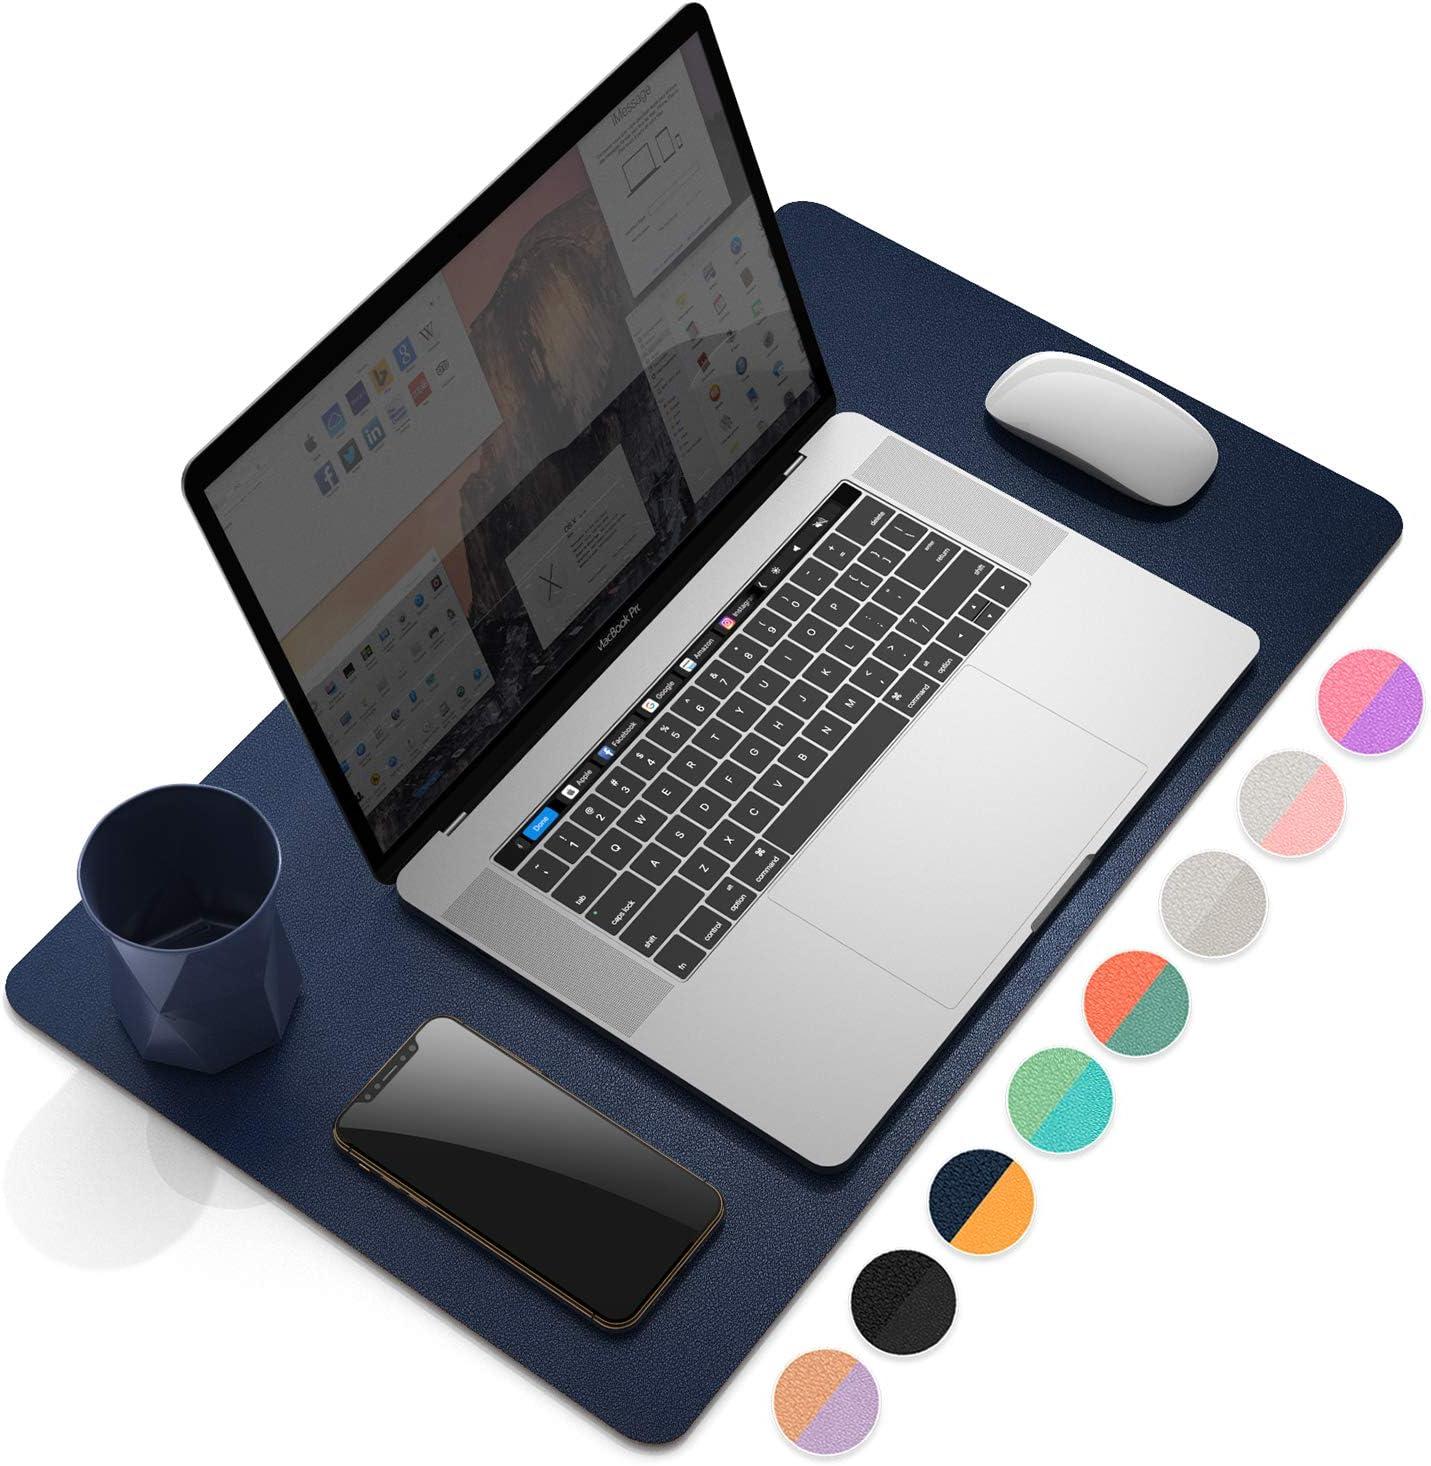 Ysagi Schreibtischunterlage Tischunterlage Pu Leder Laptop Schreibtischmatte Mauspad Ultradünnes Schreibunterlage Zweiseitig Nutzbar Ideal Für Büro Und Zuhause Blau Gelb 60 35 Cm Bürobedarf Schreibwaren